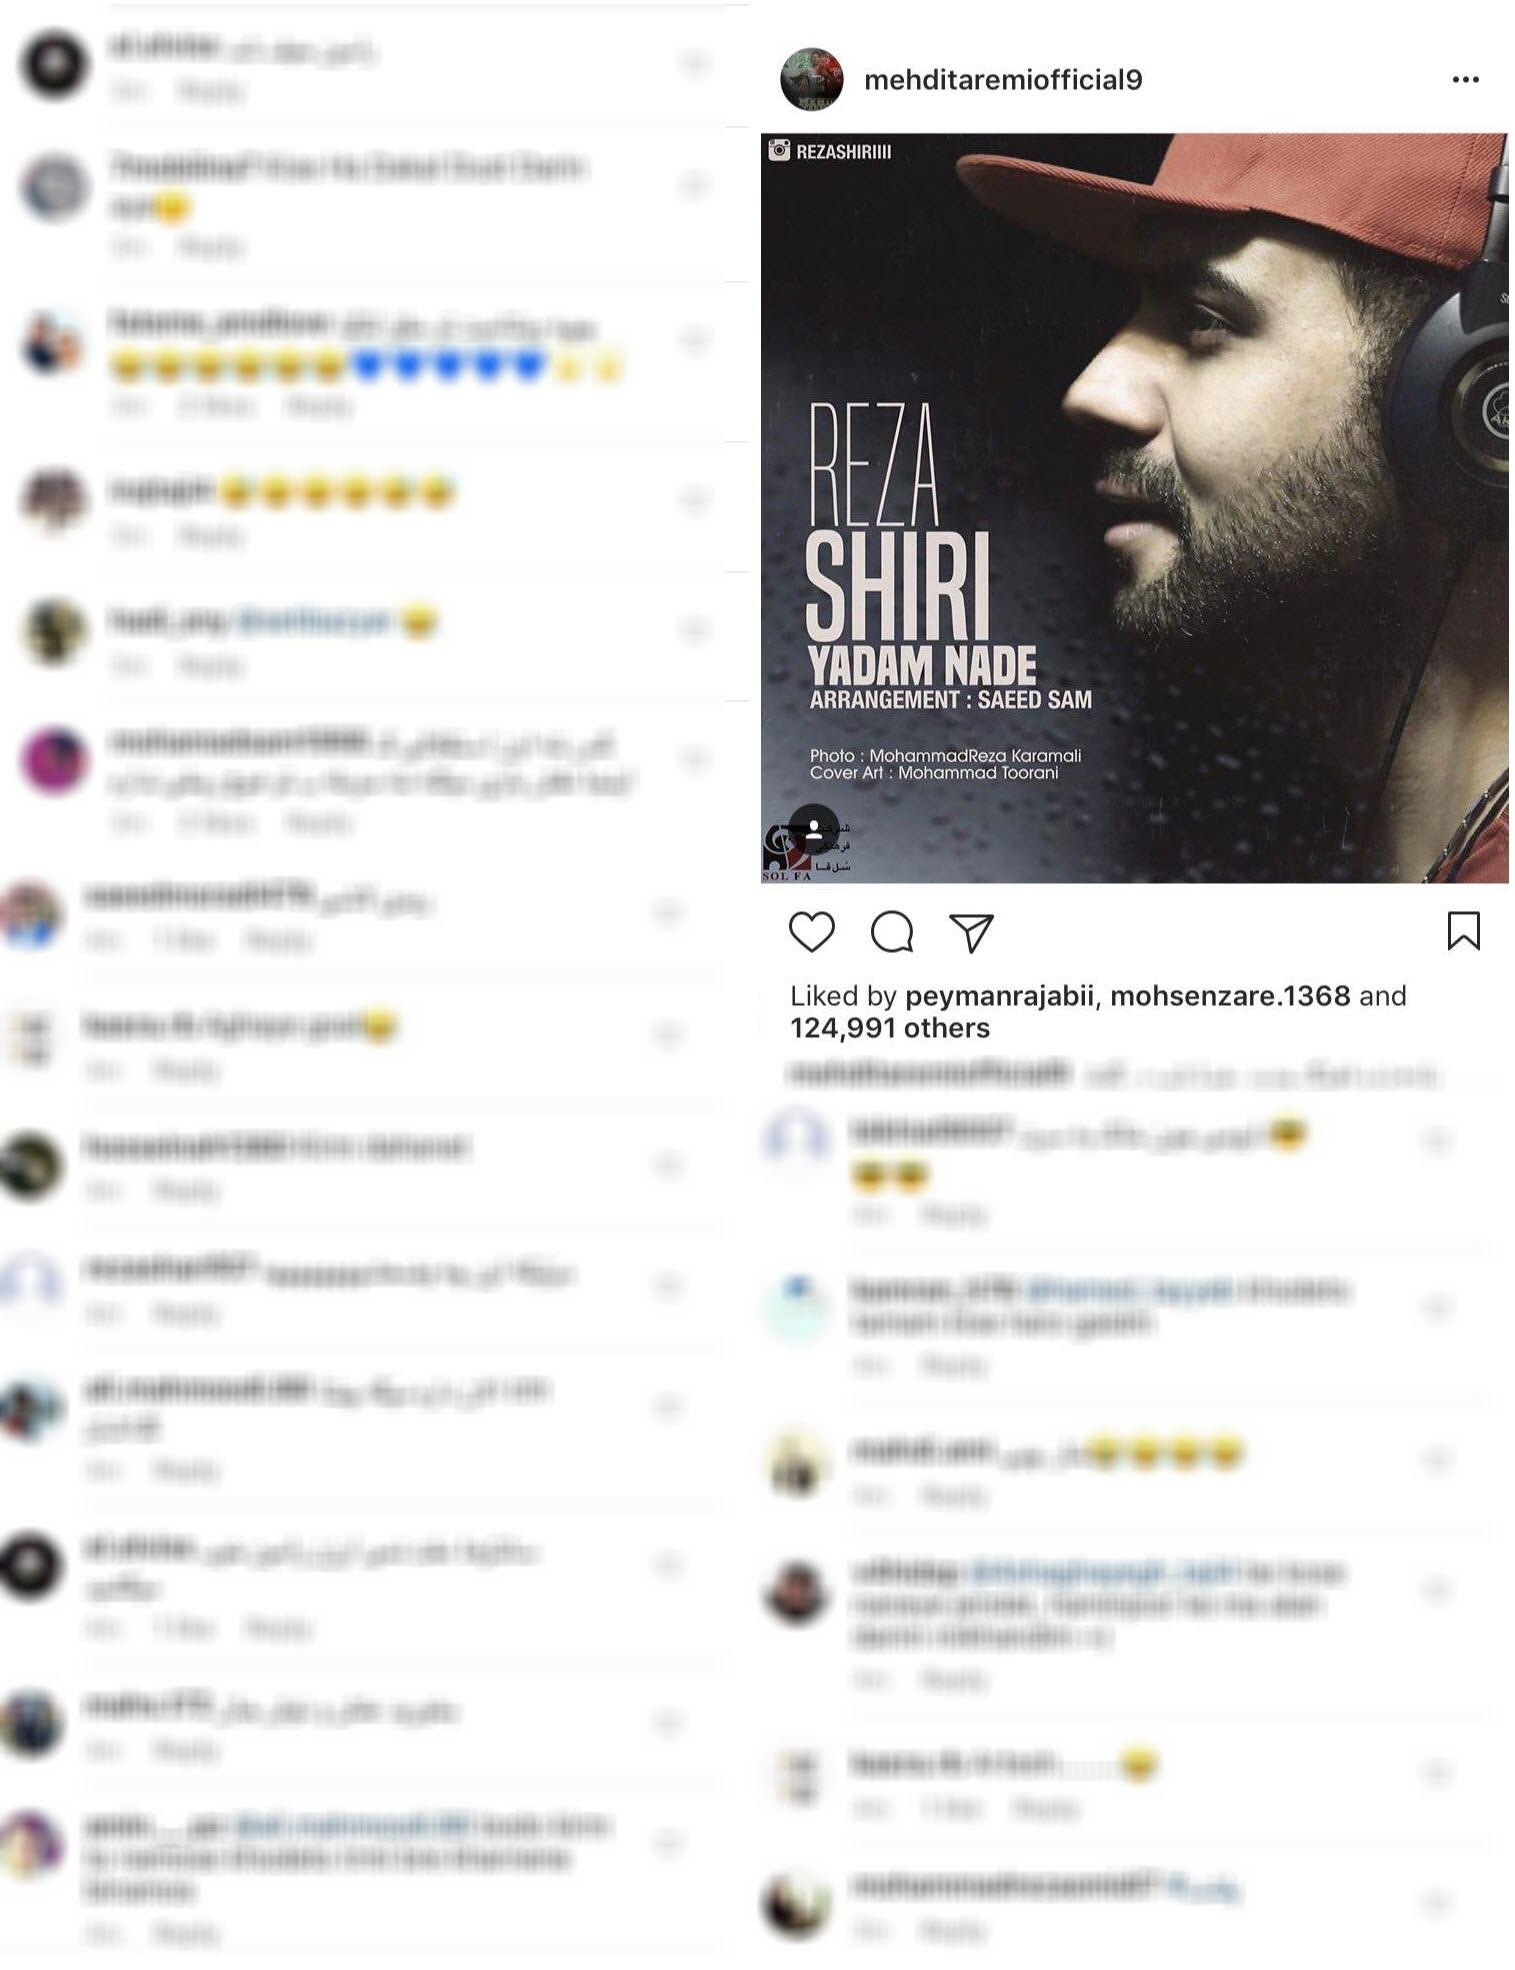 حمله ی کاربران به صفحه مهدی طارمی پس از شاهکرش +تصاویر